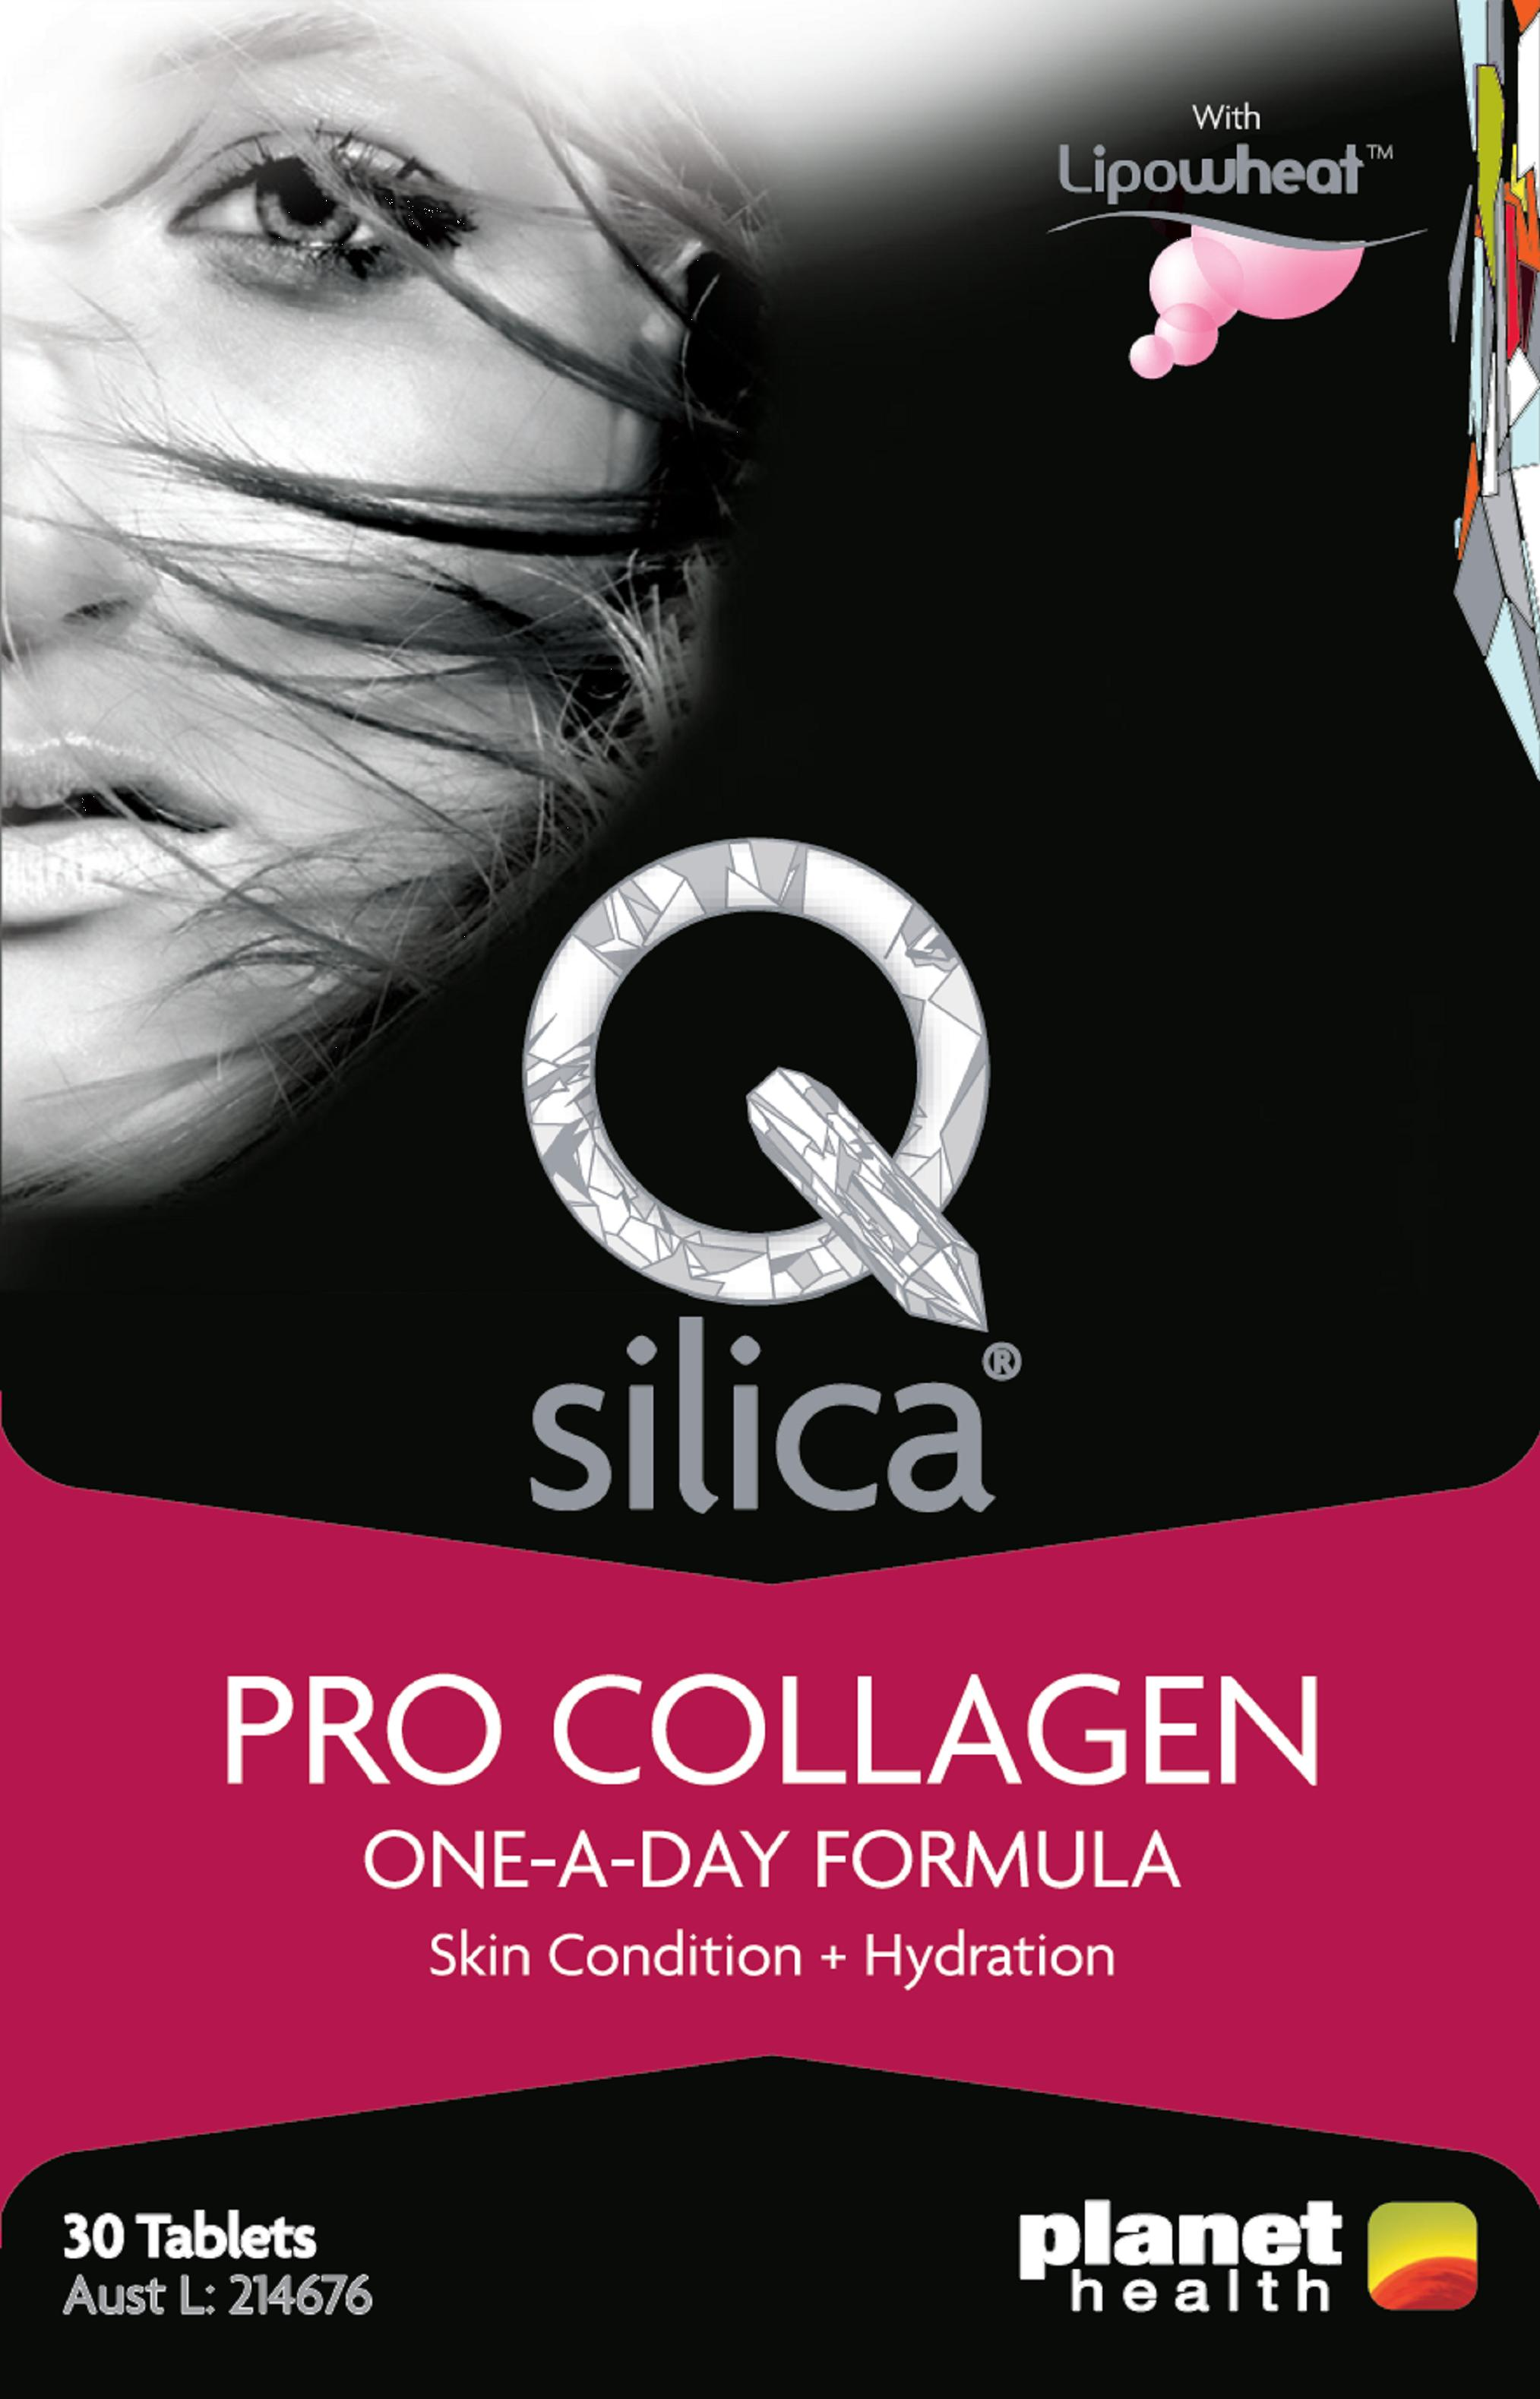 Qsilica Pro Collagen flat HR.jpg